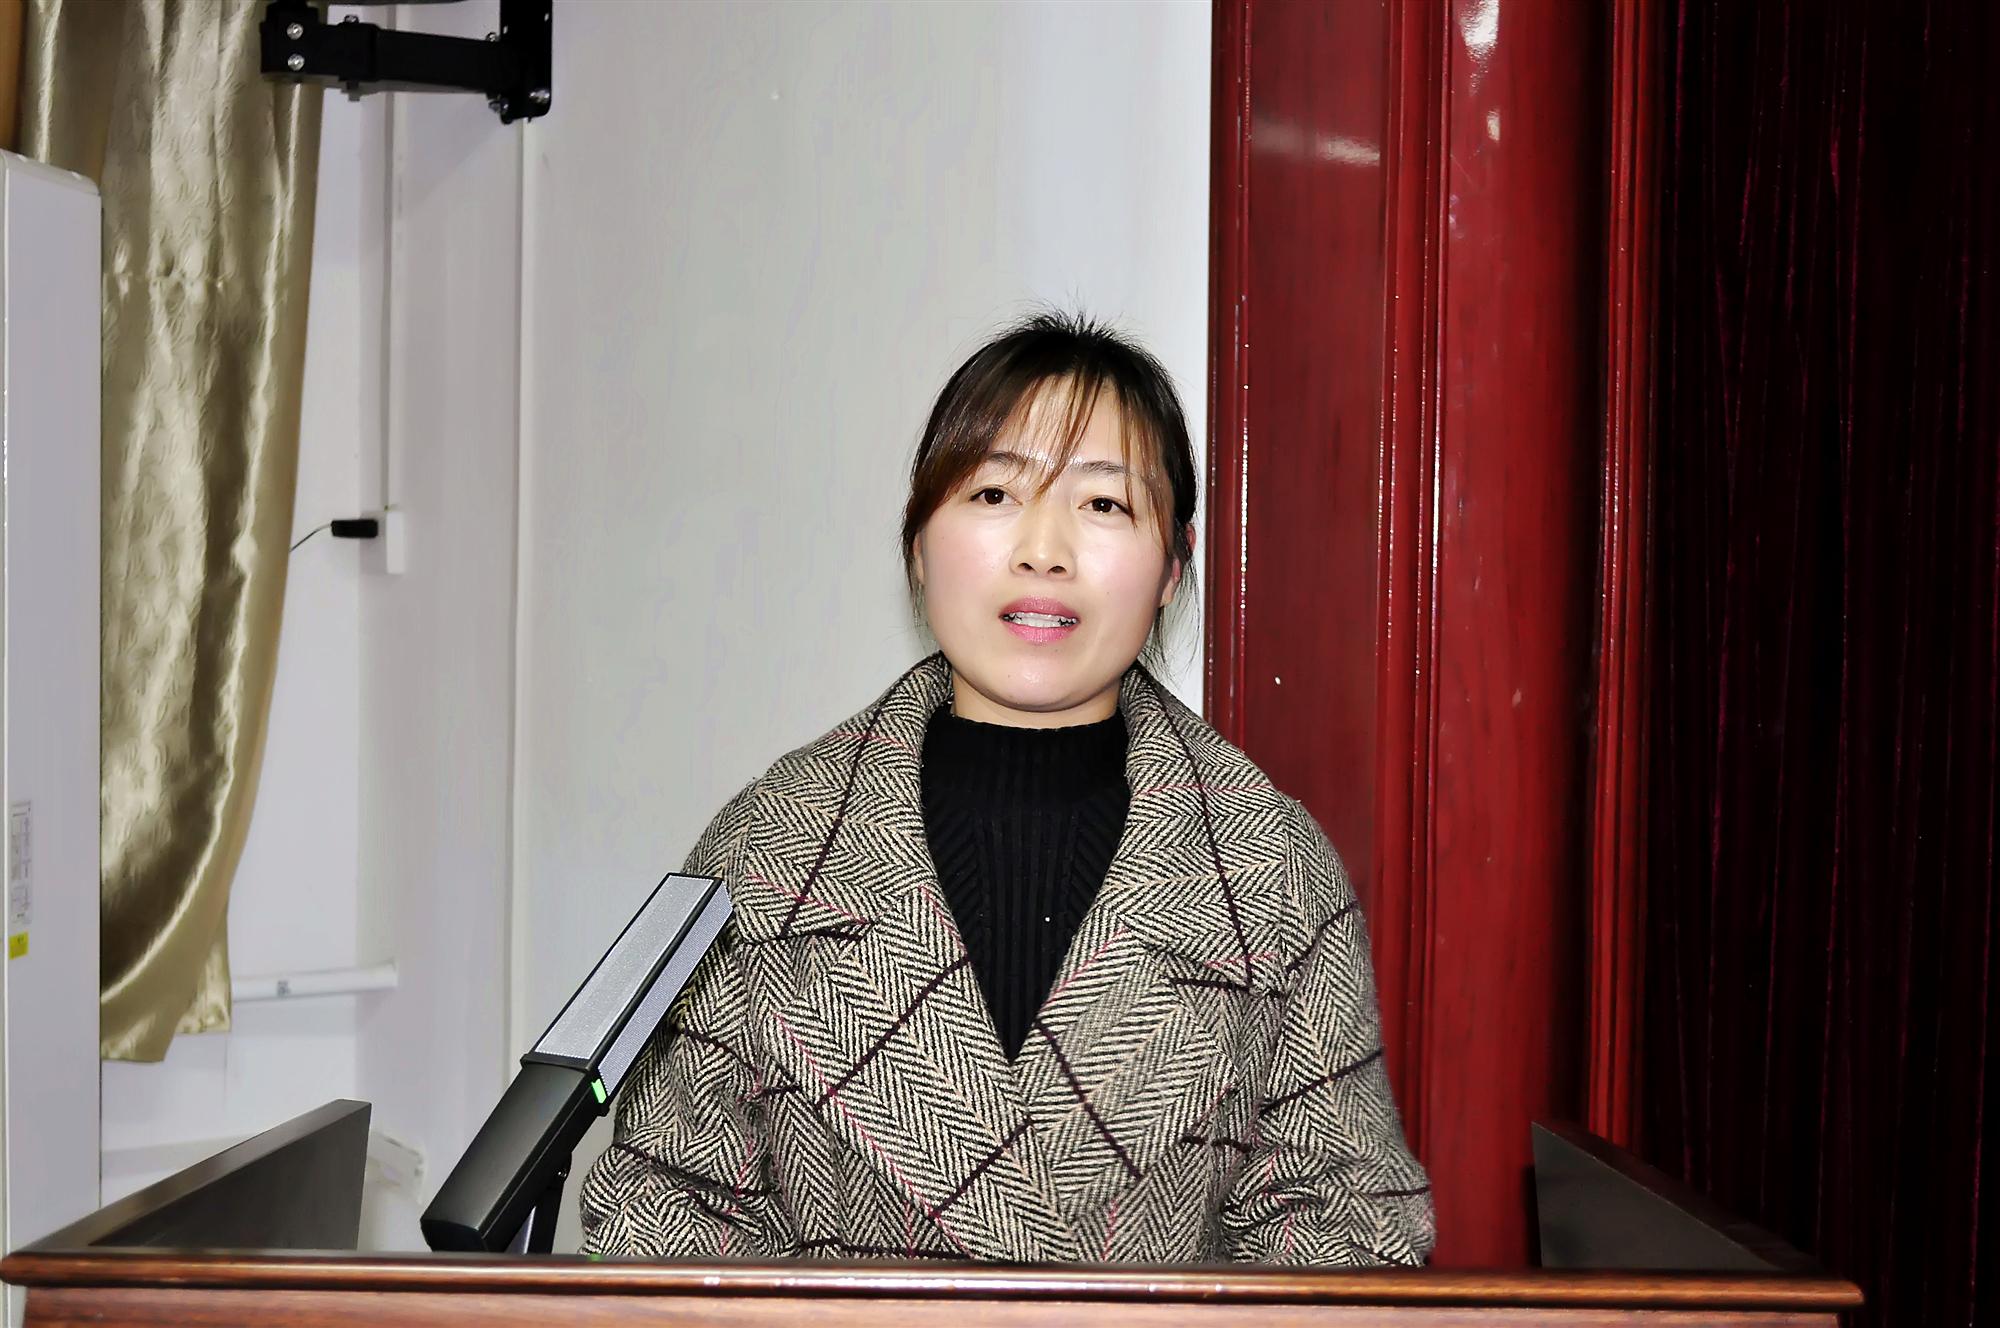 2019.11.26主题党日挑选-_DSC3193